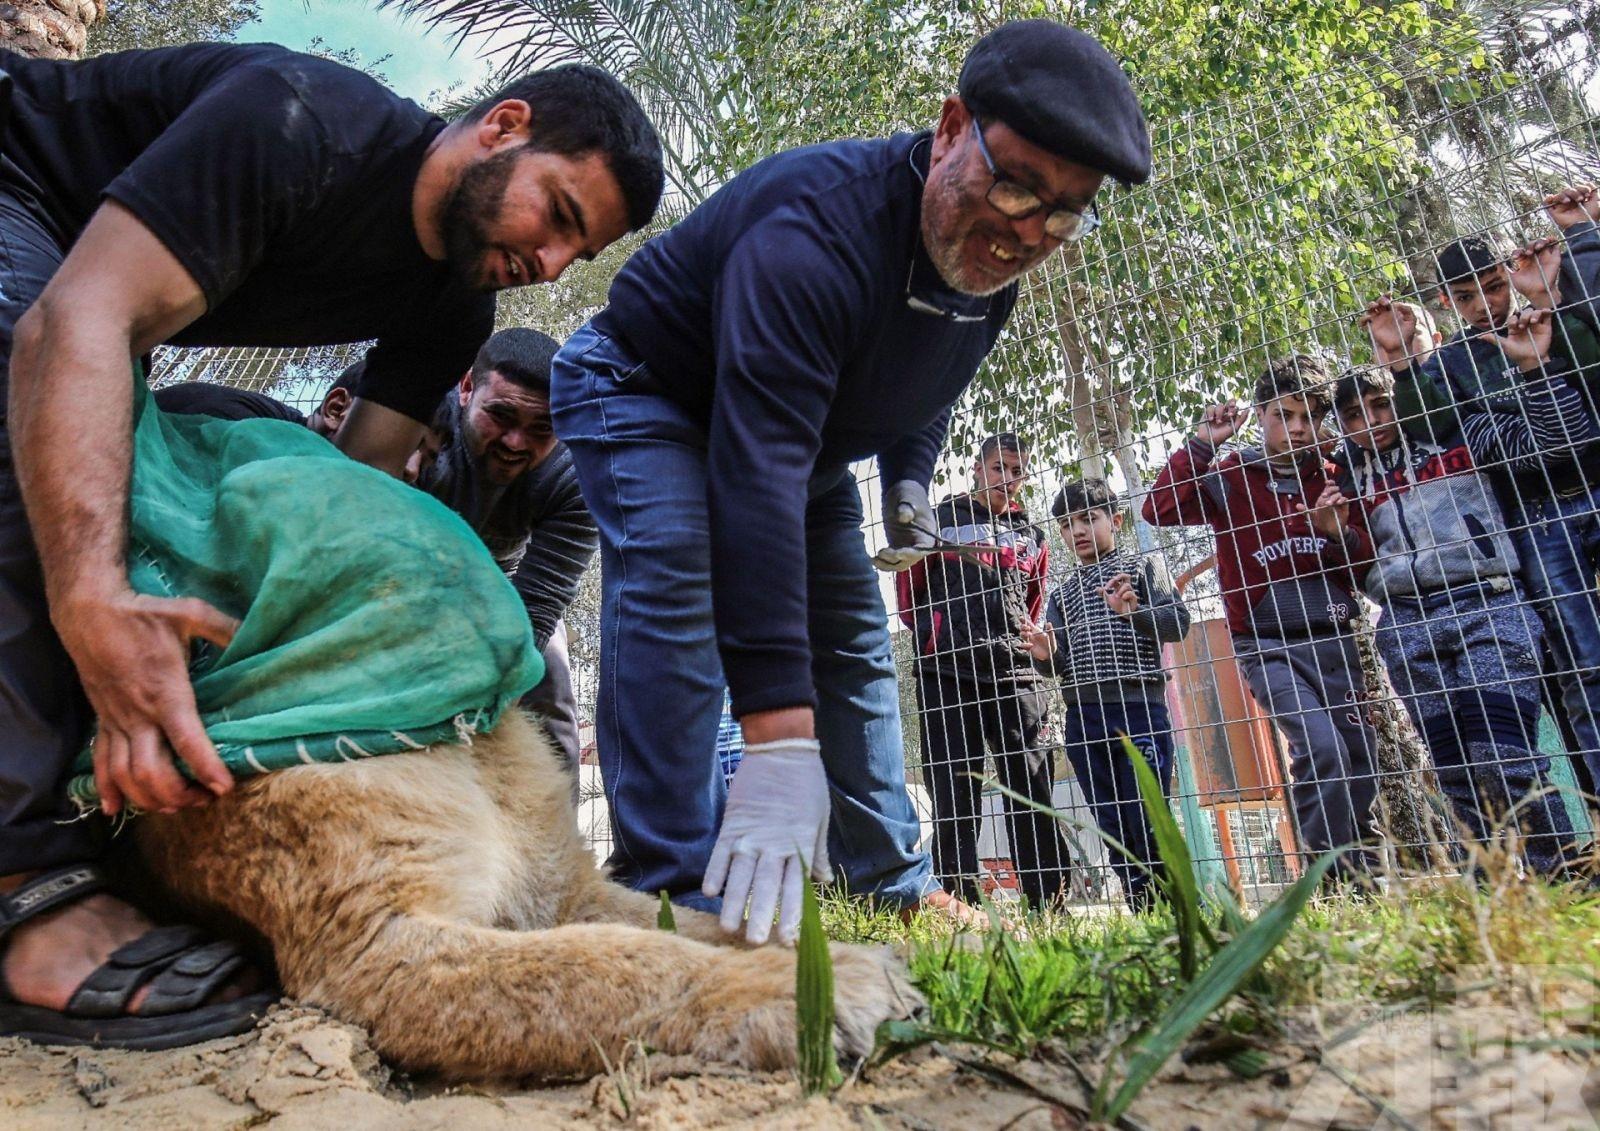 巴國動物園14個月大獅子遭截斷利爪